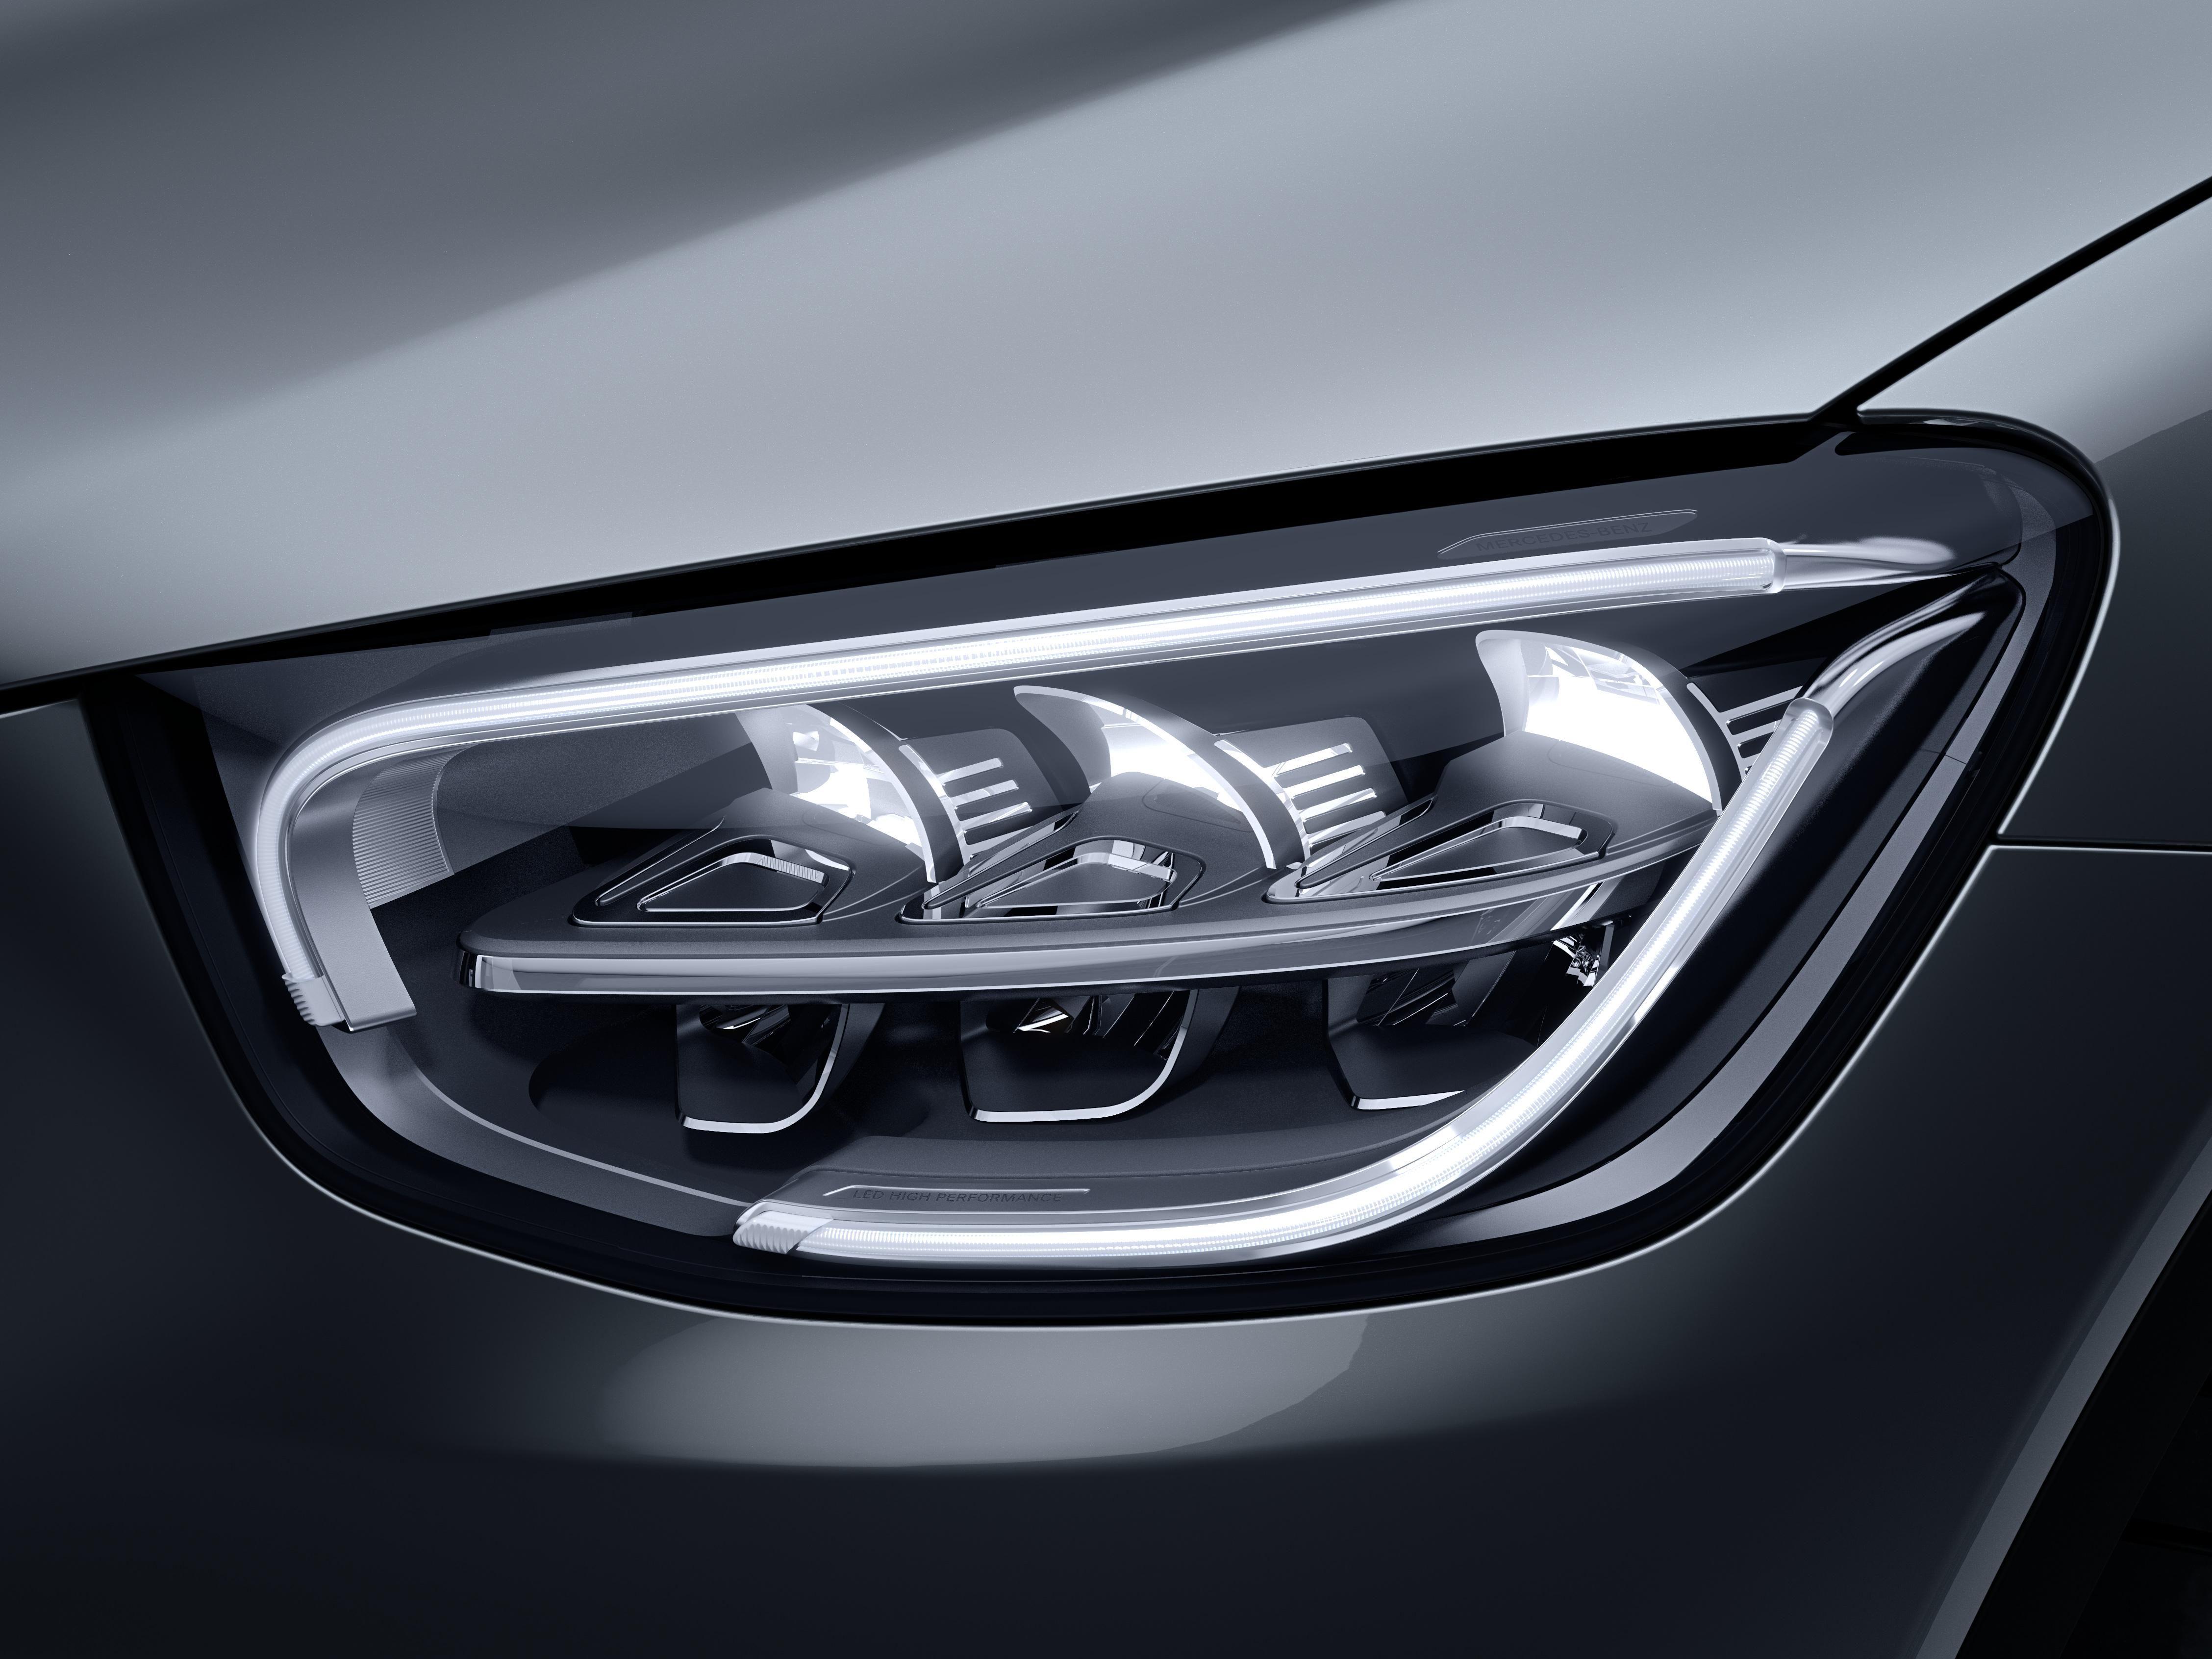 Phares de la Mercedes GLC Dynamic avec vue sur l'écran tactile, sellerie et la console centrale